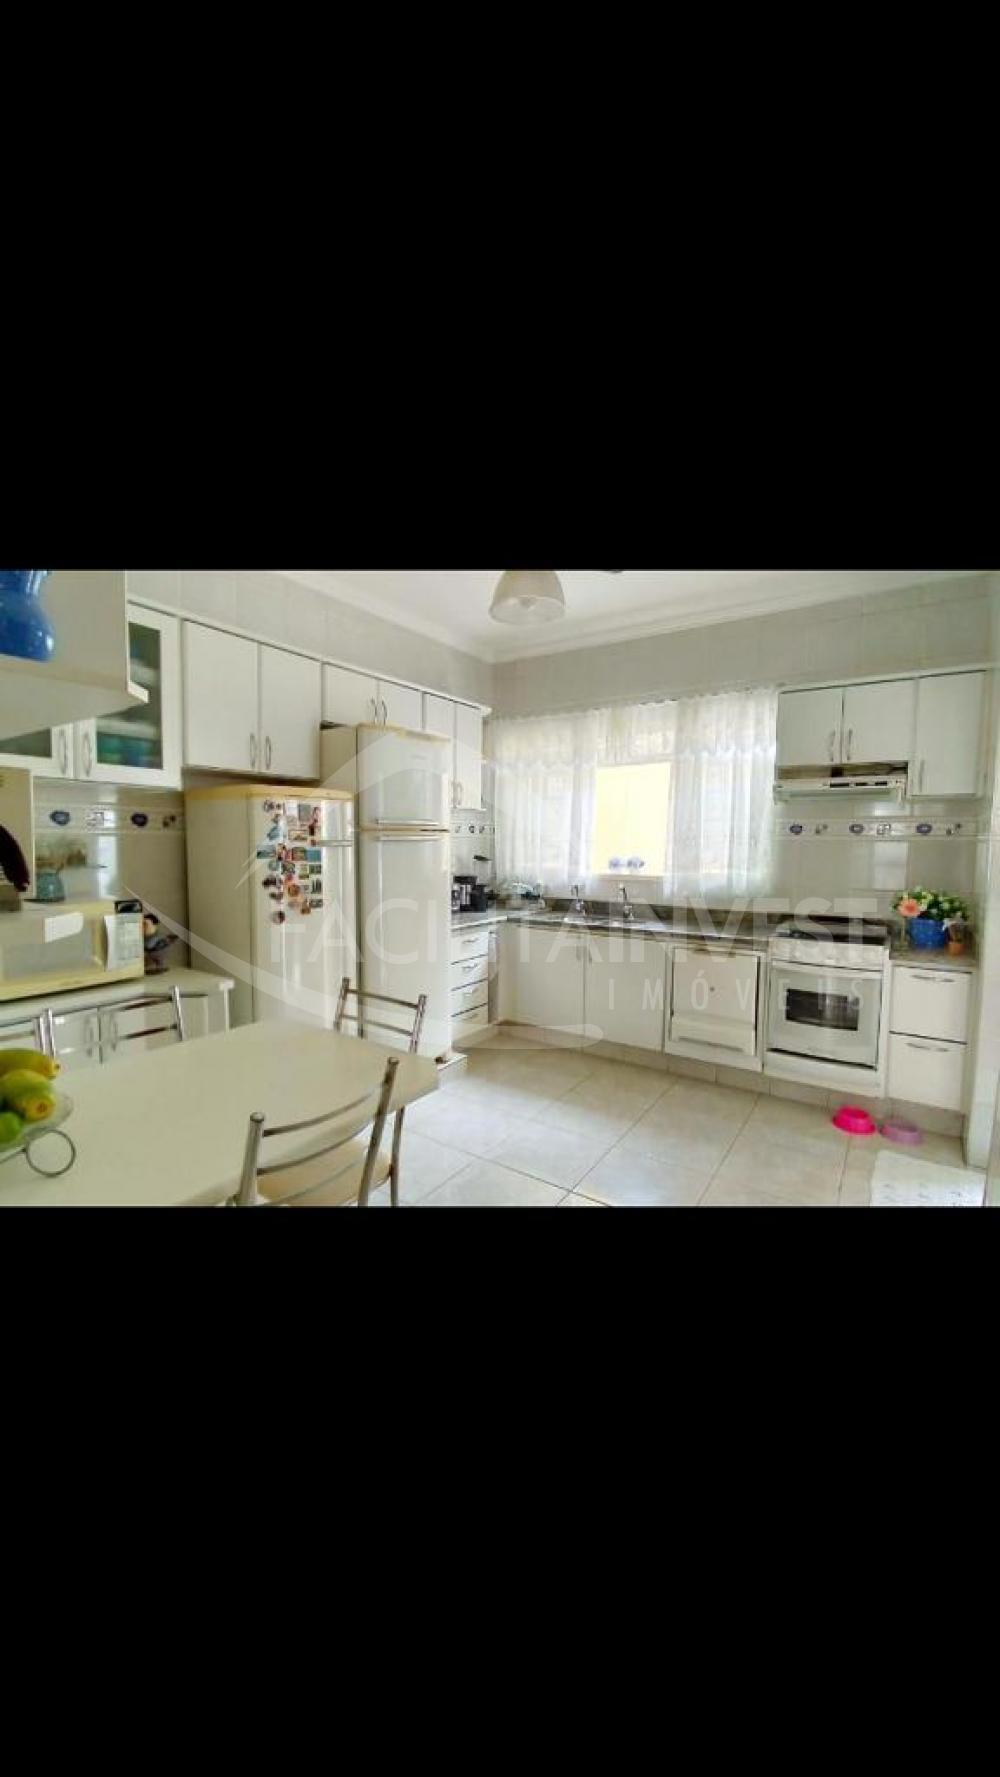 Comprar Casa Padrão / Casa Padrão em Ribeirão Preto R$ 900.000,00 - Foto 5